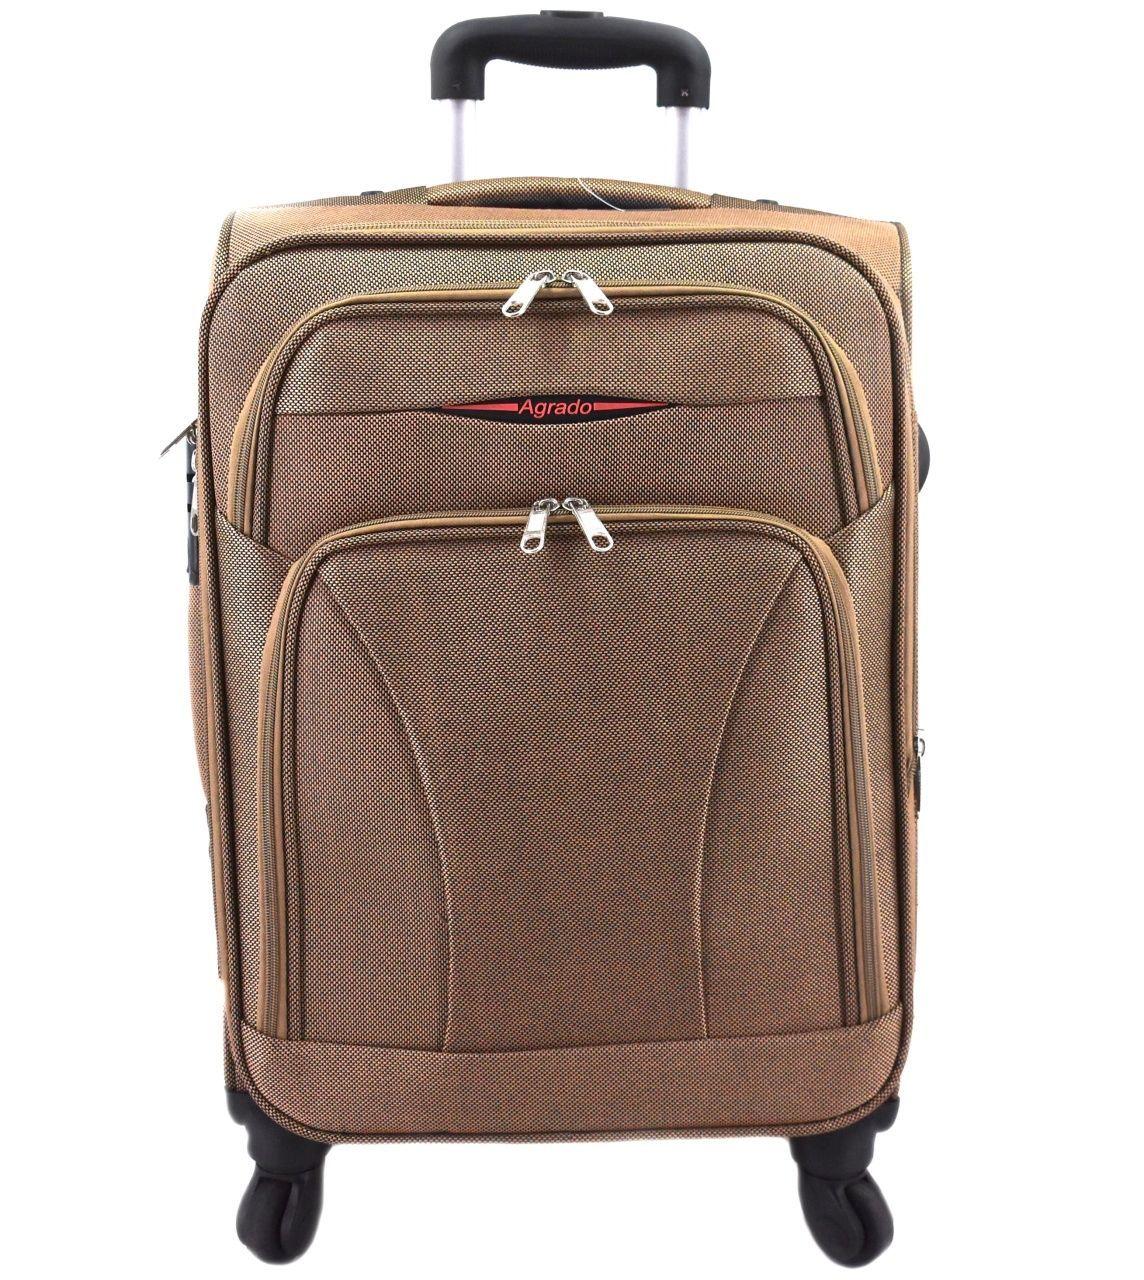 Cestovní textilní kufr na čtyřech kolečkách Agrado (S) 45l - béžová 8021 (S)